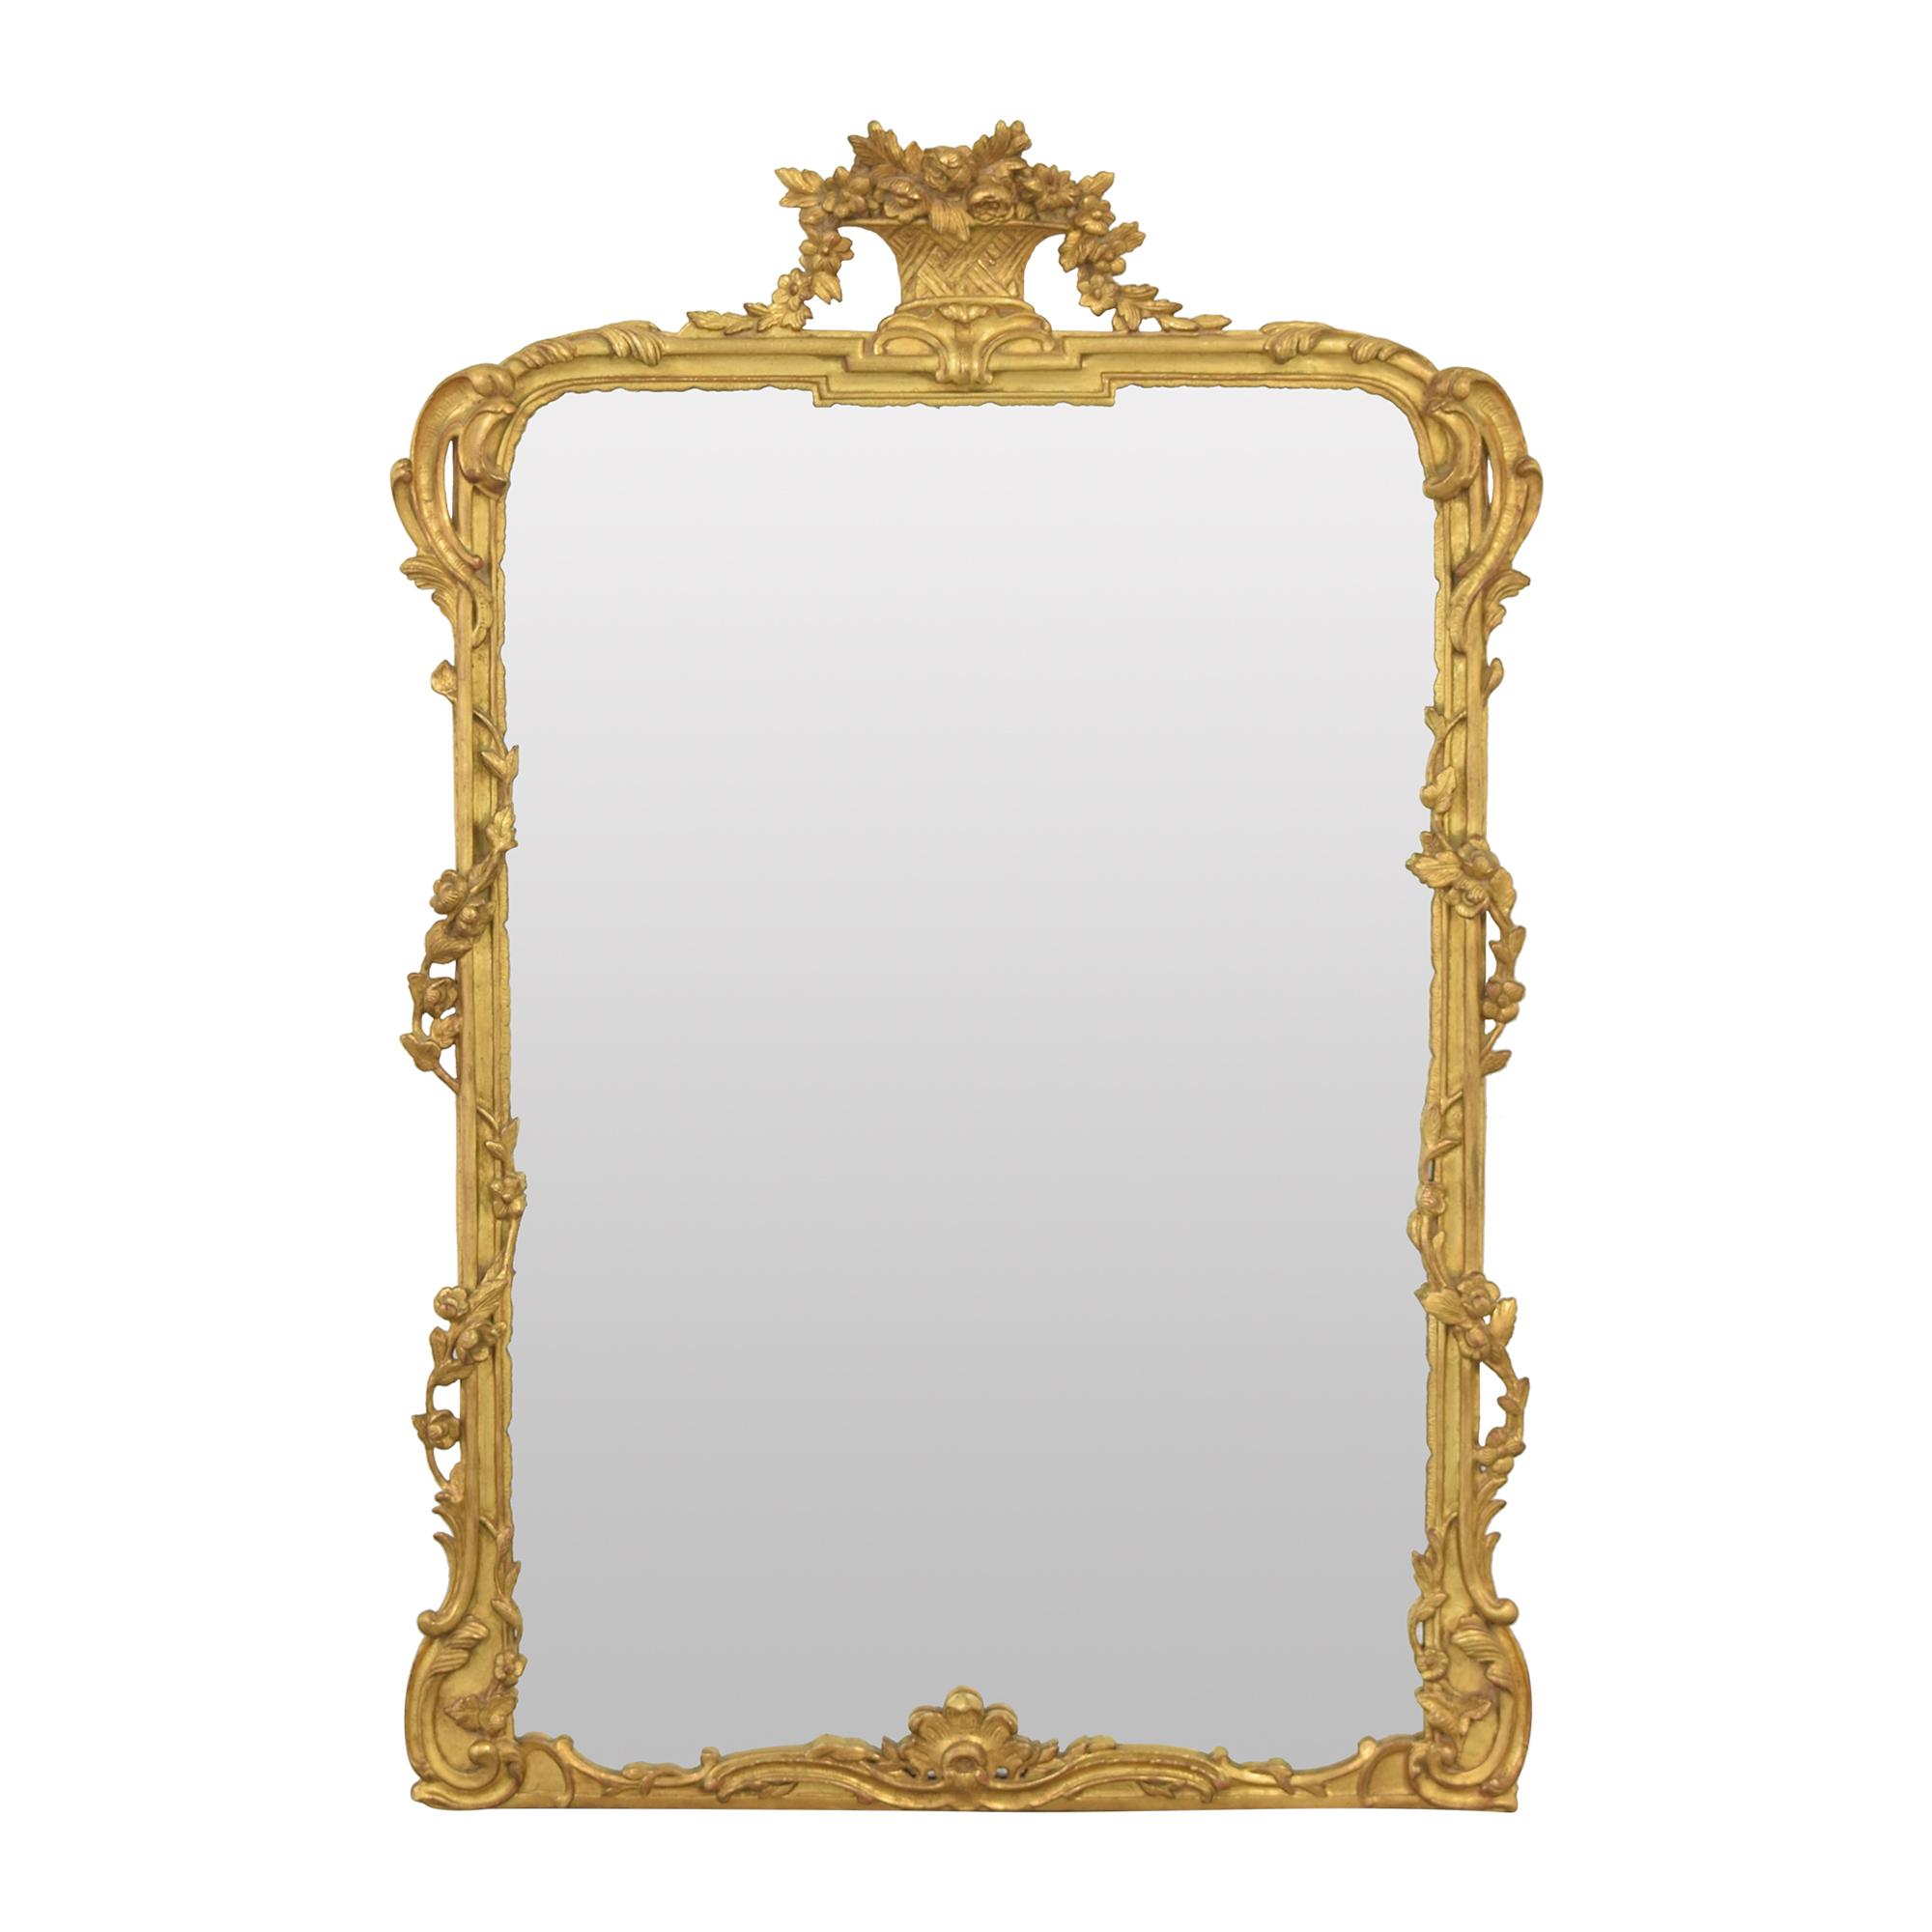 Carvers' Guild Carvers' Guild Panier de Fleur II Mirror on sale